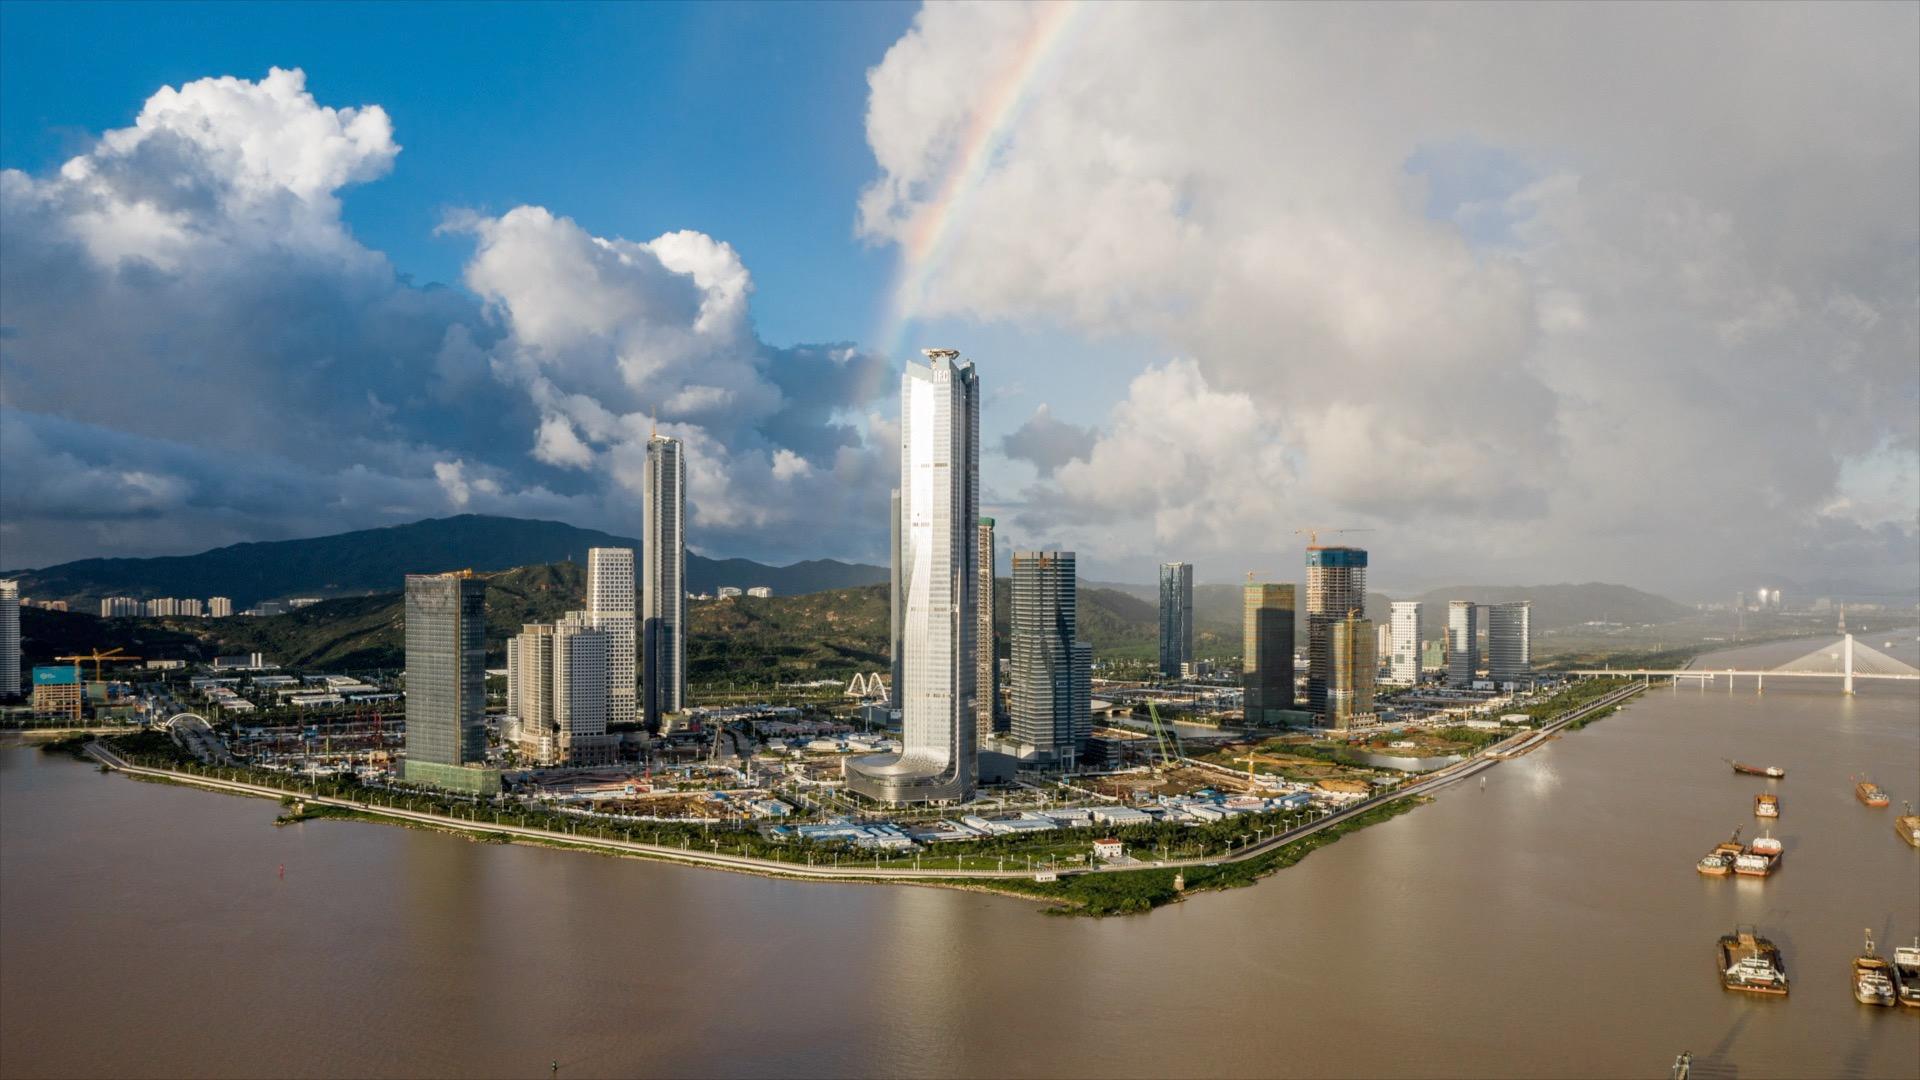 沿着高速看中国(广东):珠海横琴12年蝶变,创新高地汇智粤港澳